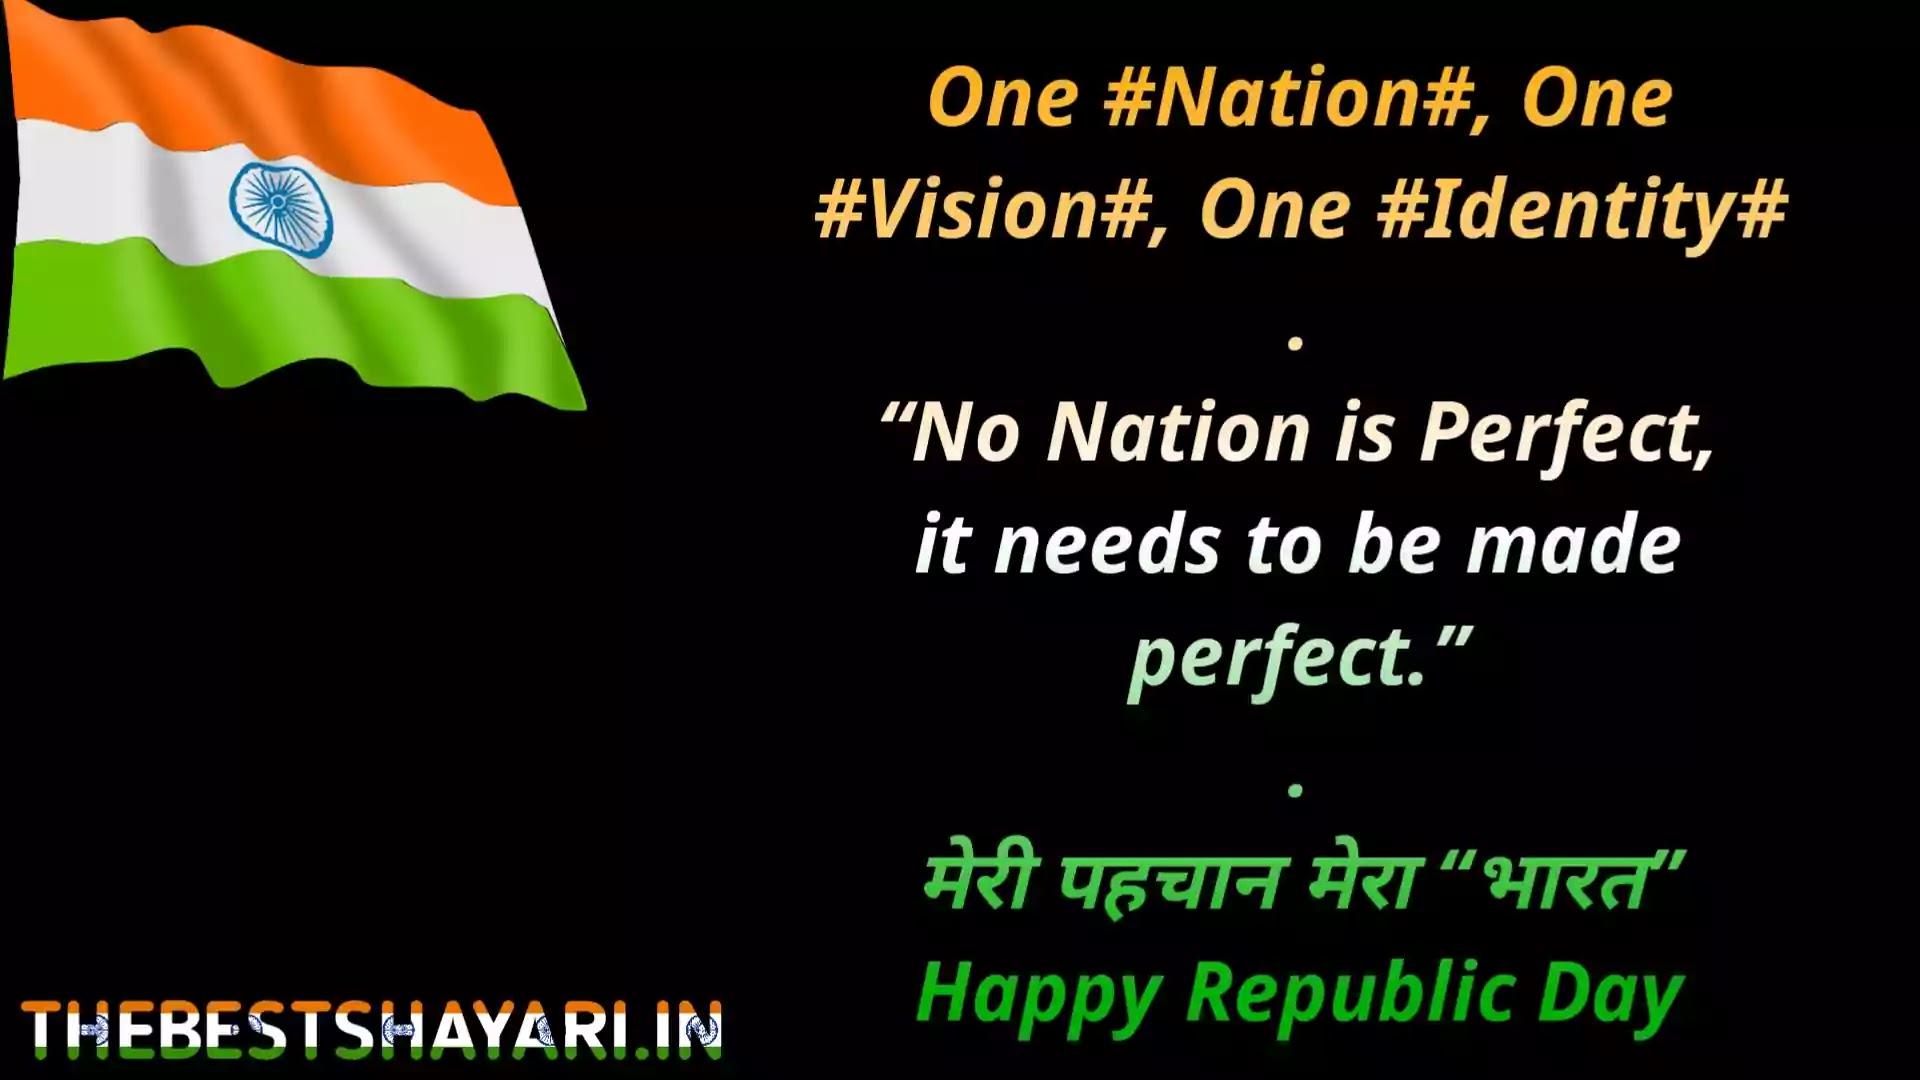 Republic day fb status